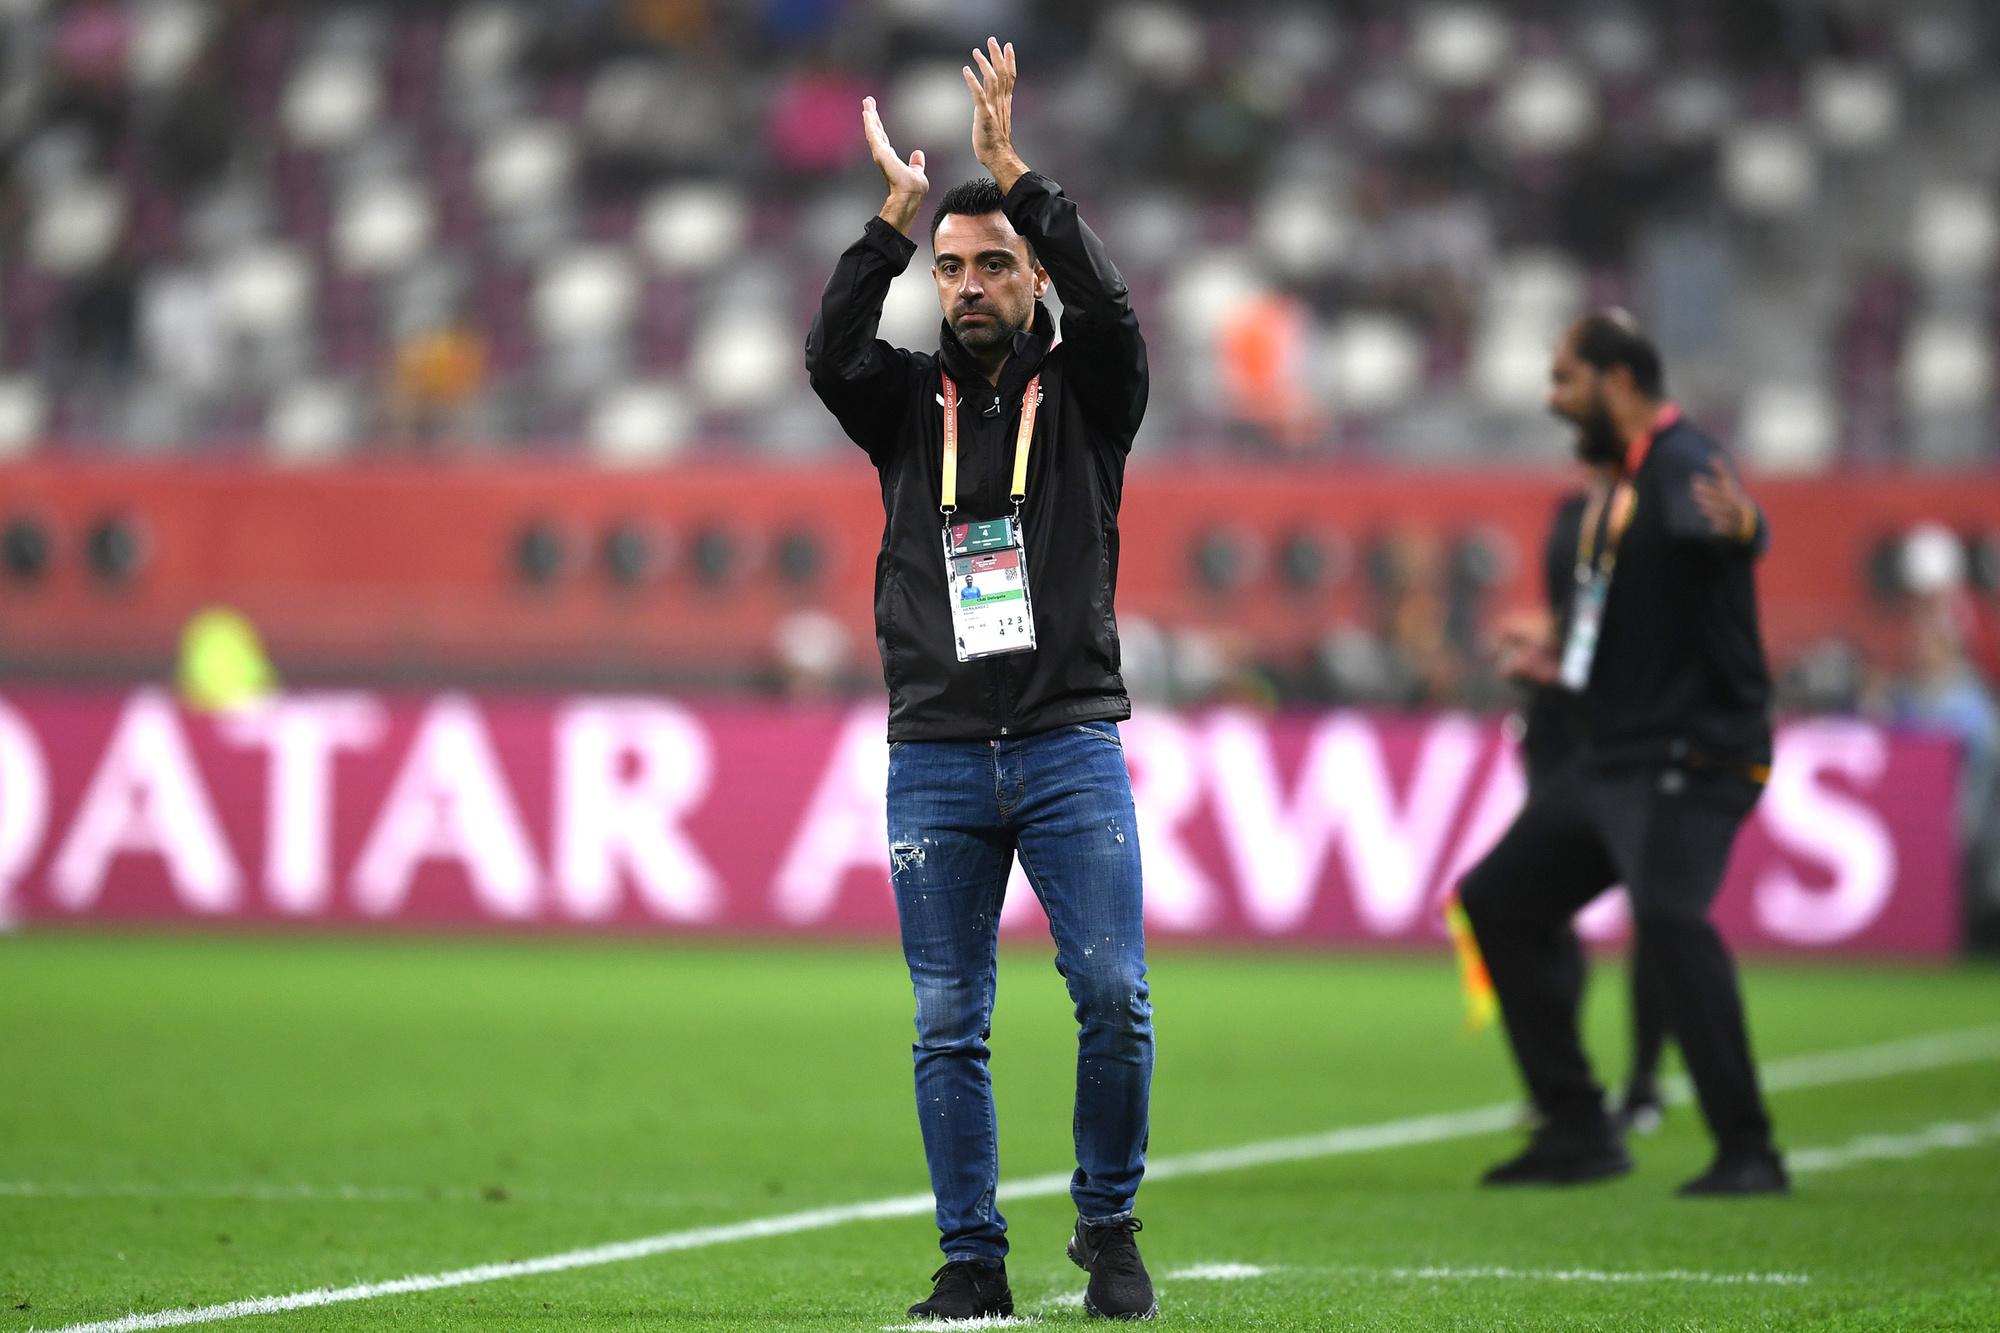 Wordt Xavi de nieuwe coach van Barça of gaat Pochettino hem voorbij?, GETTY